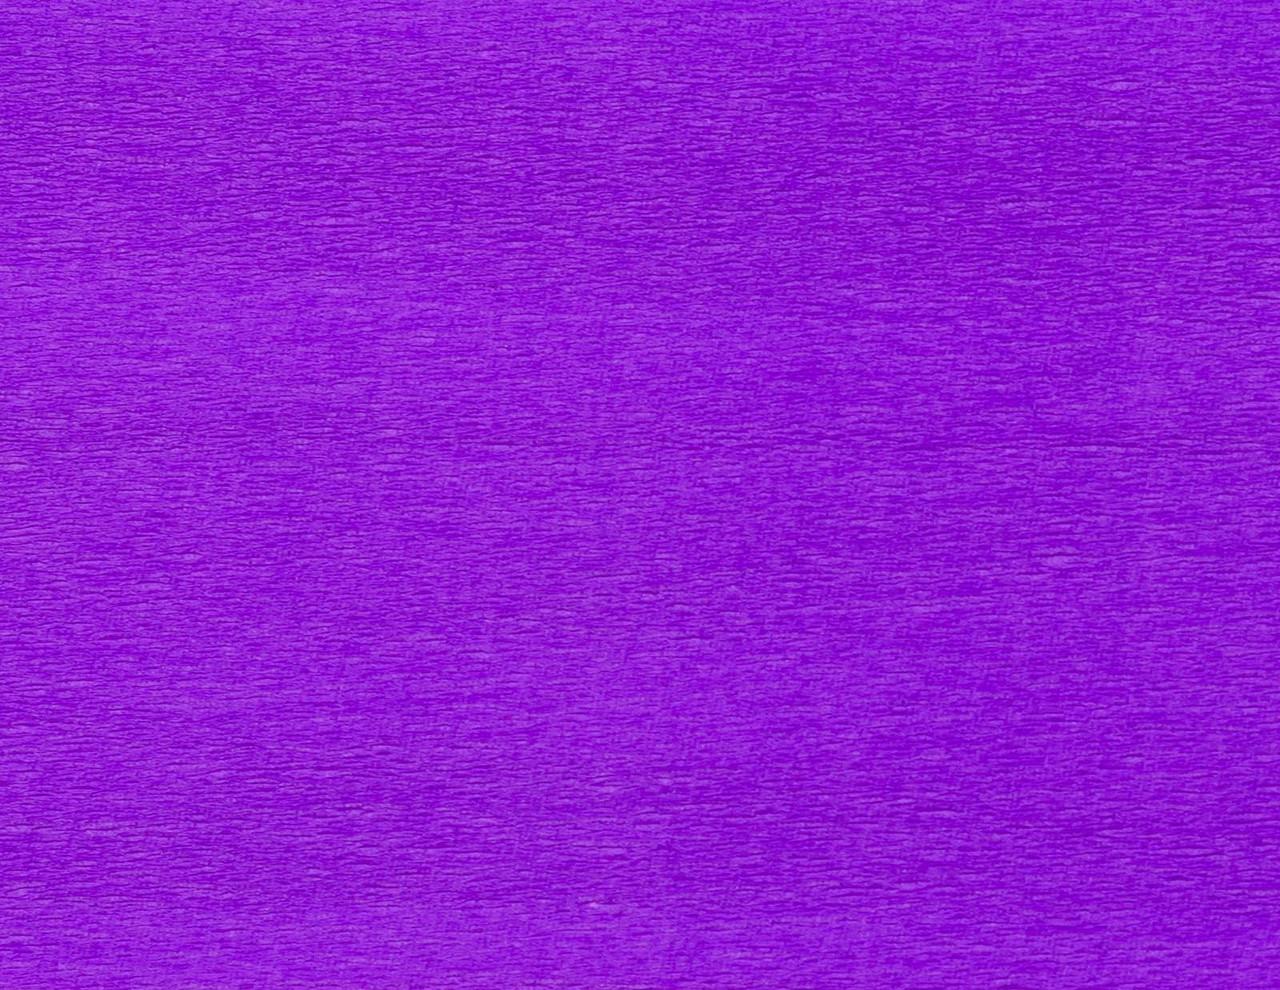 Бумага гофрированная Сиреневая 1 Вересня 110% (50 см*200 см) 701533